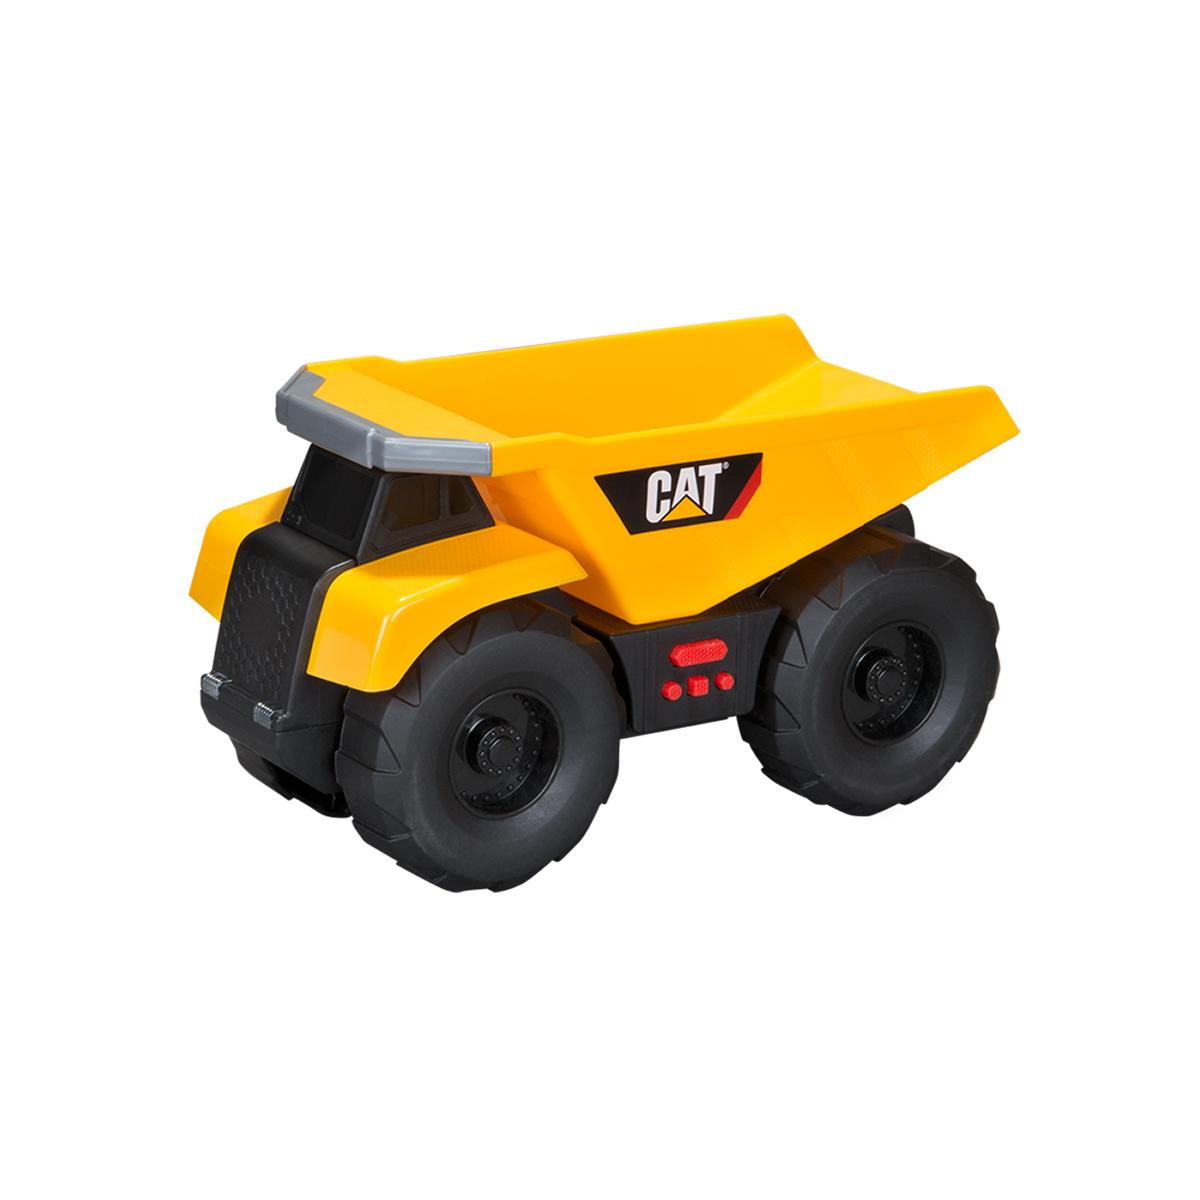 masinuta toy state cat big builder l&s - dump truck